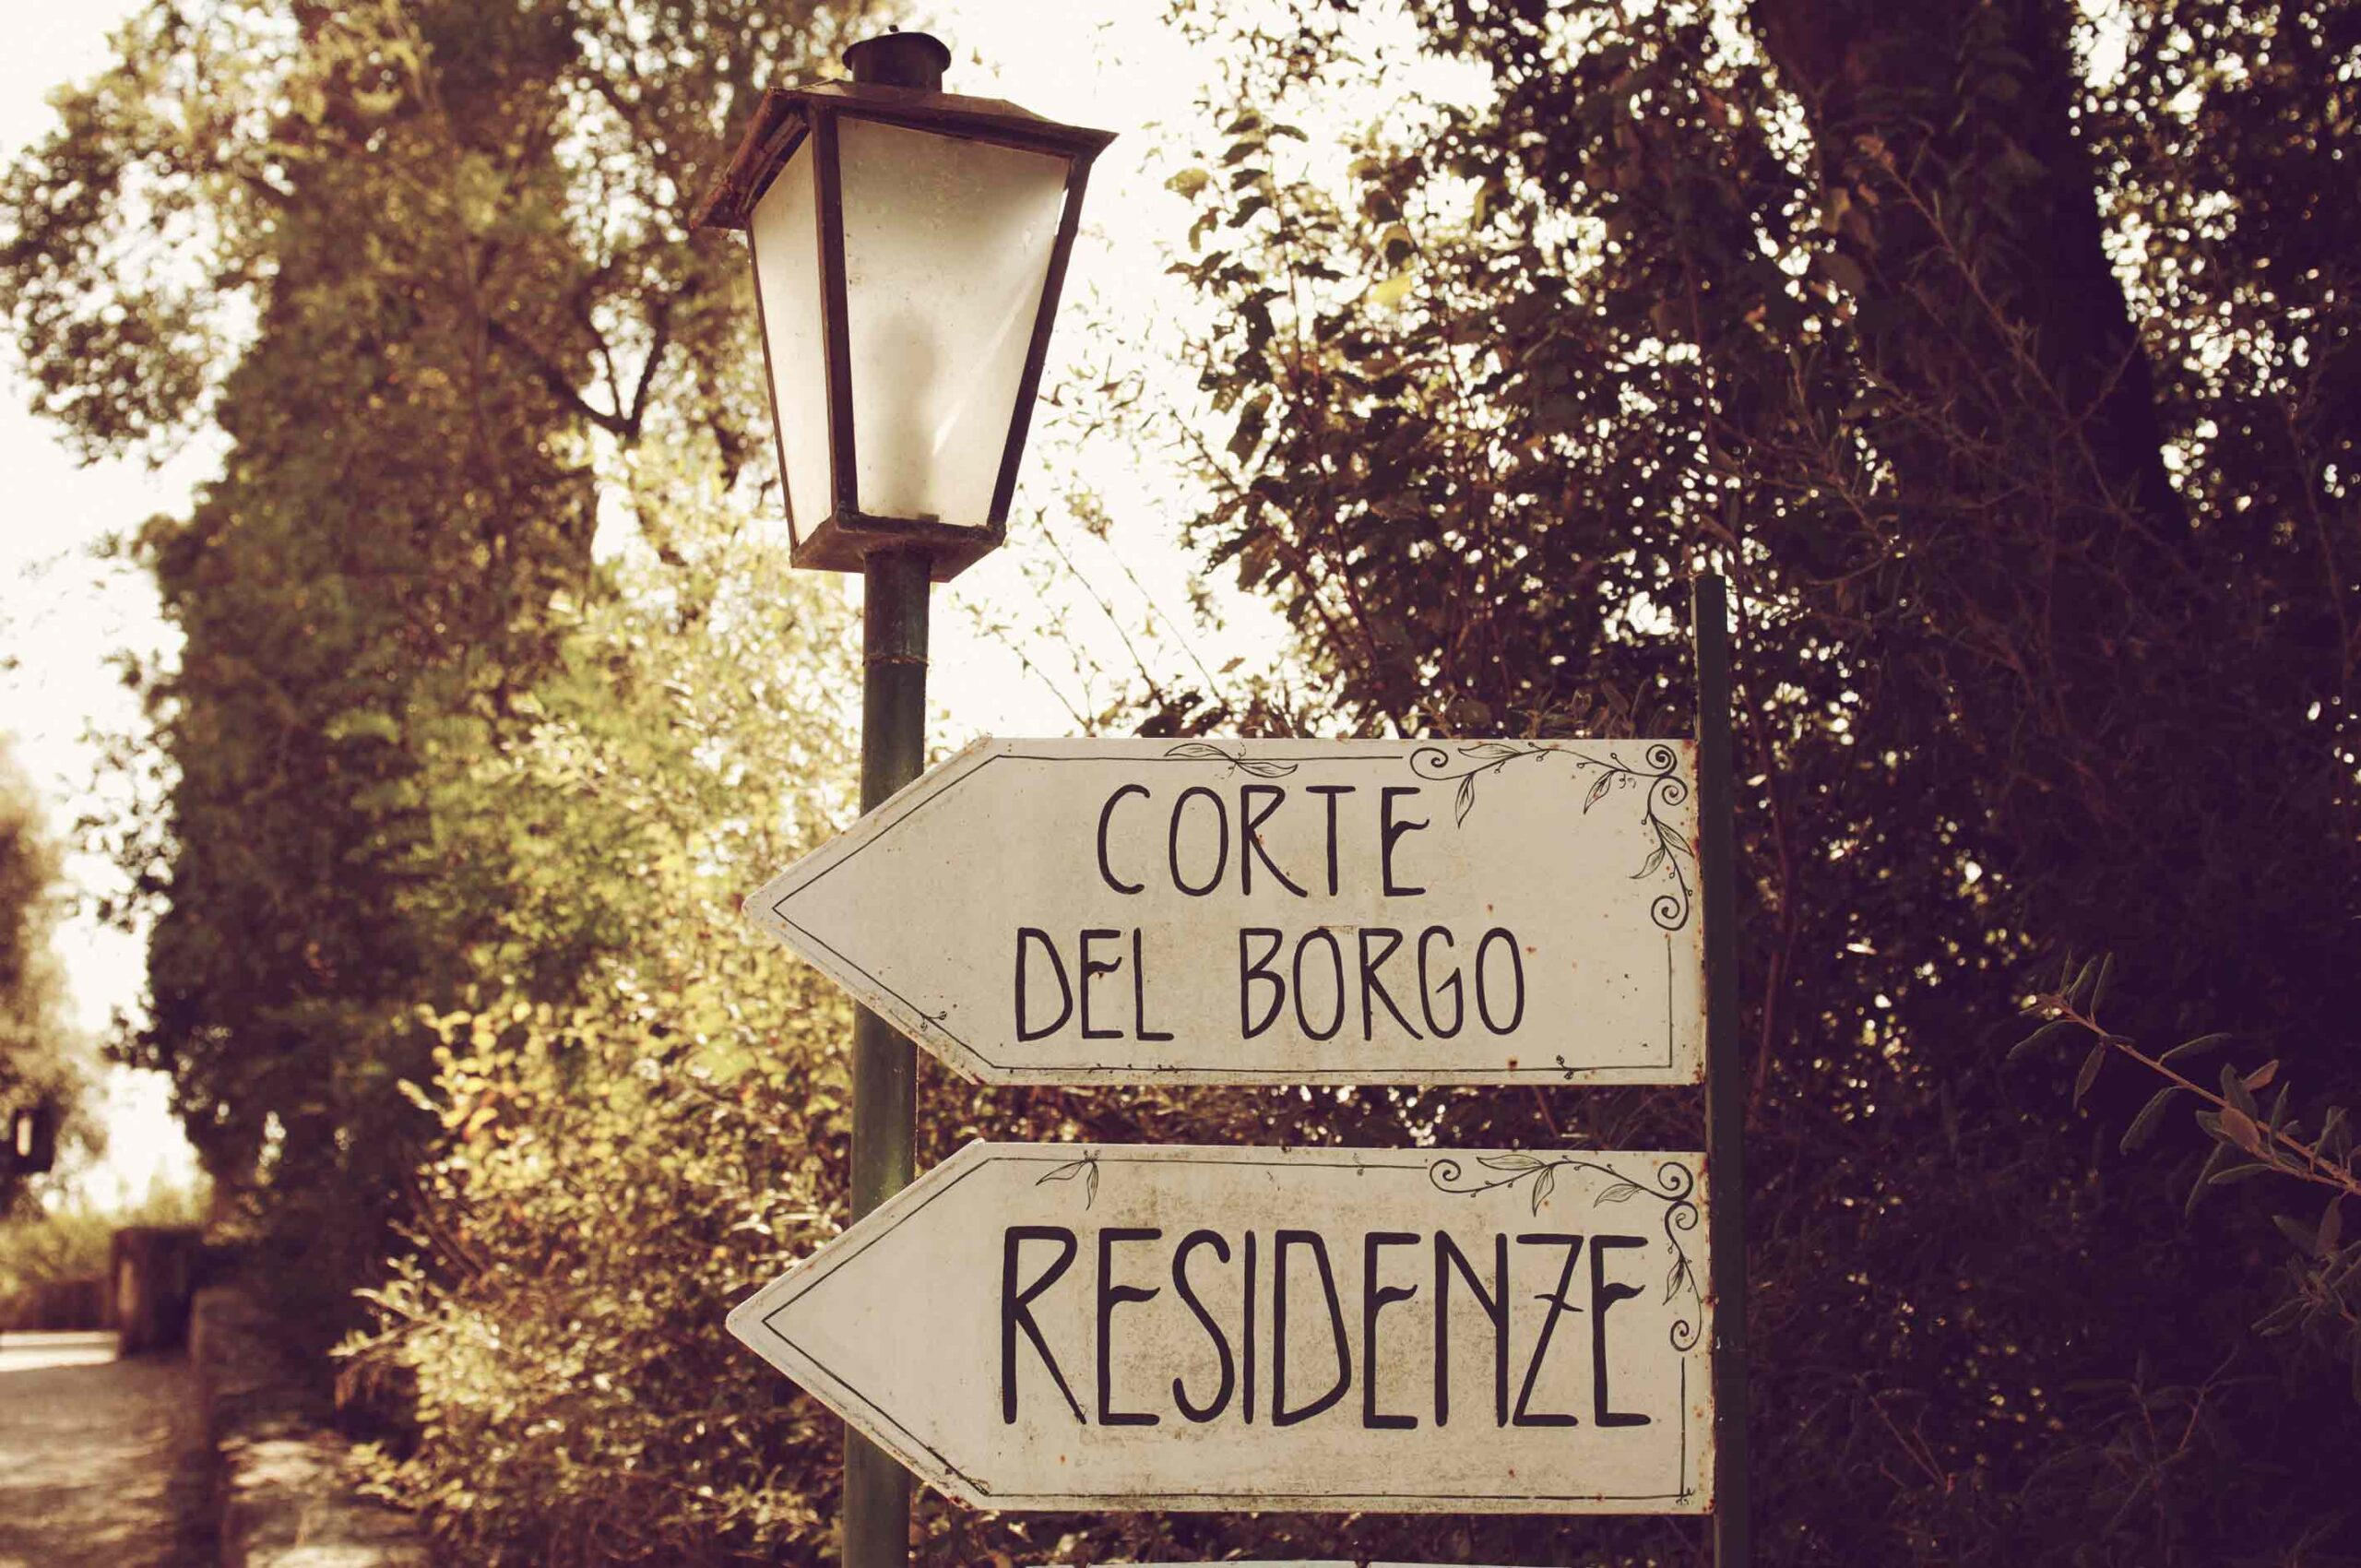 03 - Matrimonio a Roma - Manuel e Carlie - Fabrizio Musolino Fotografo Reportage.jpg